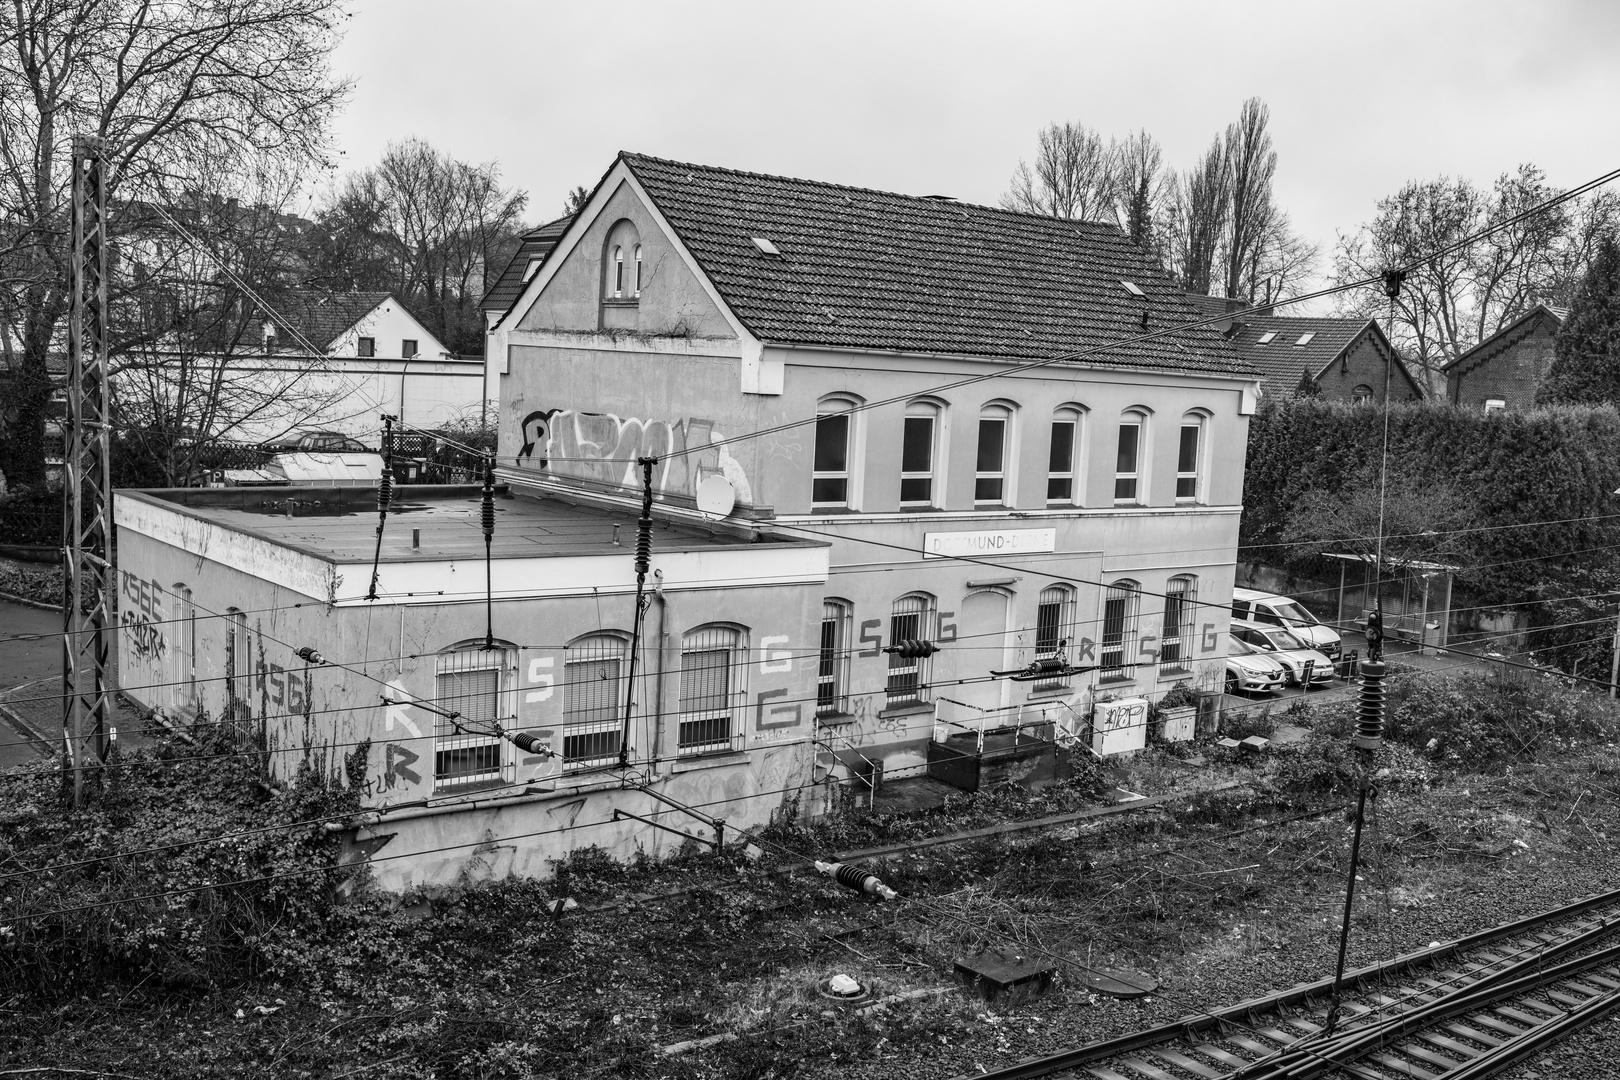 Bahnhof Dortmund-Derne